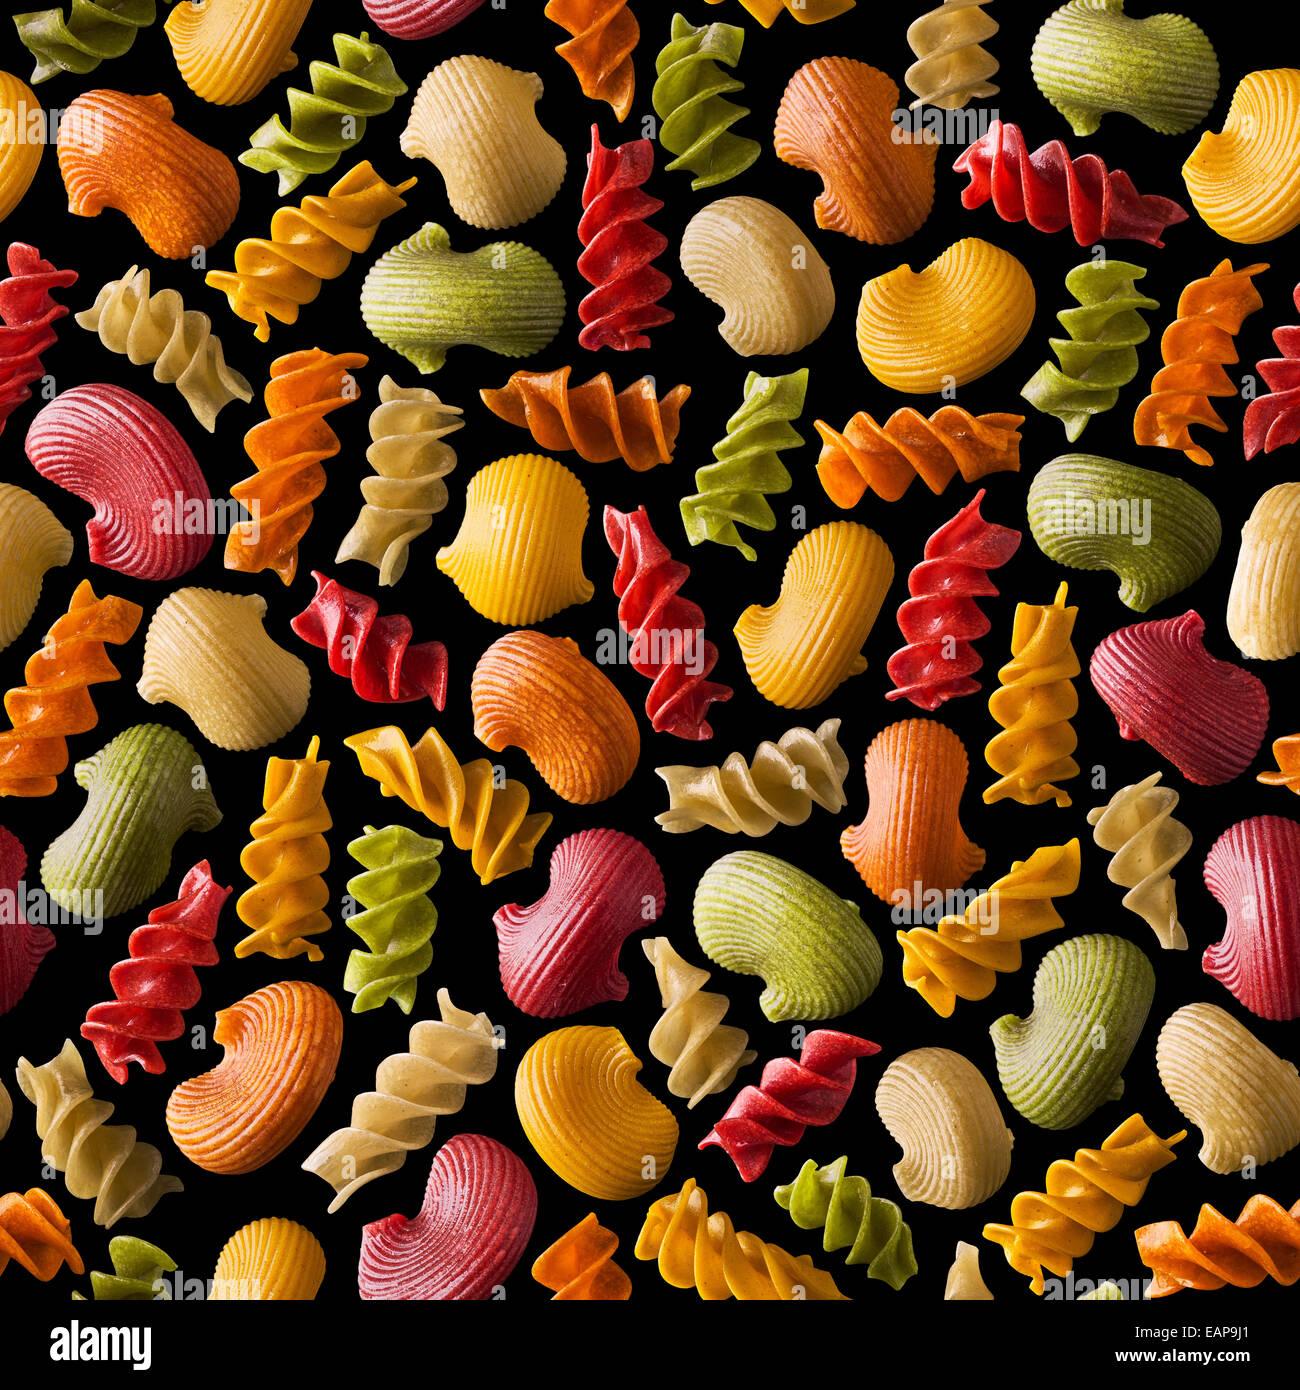 Seamless texture avec des pâtes colorées Photo Stock